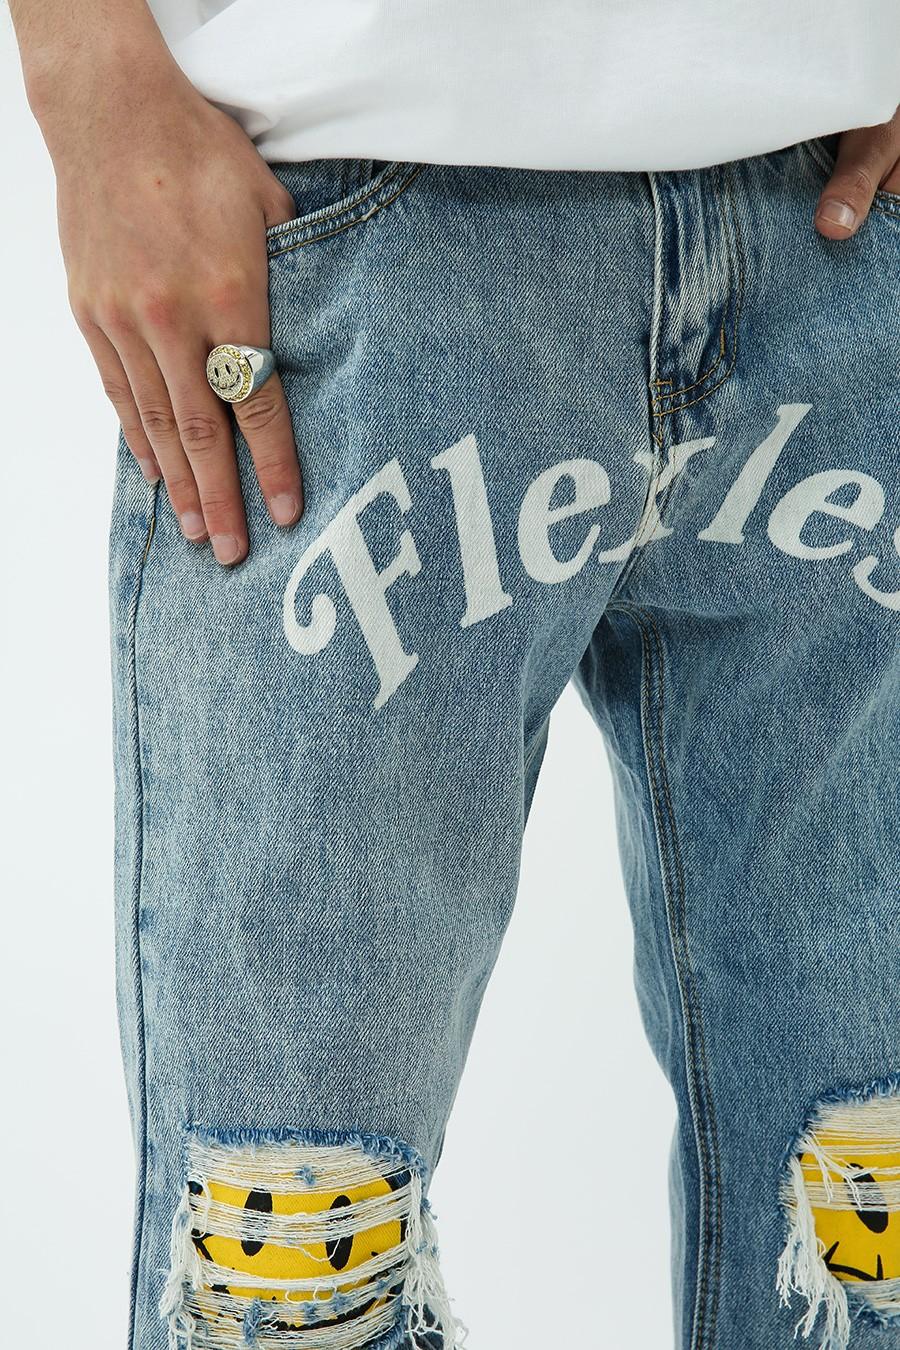 FLEXHOOD,牛仔裤  辣妹、帅哥的街头回头率神器!今天立减百元!手慢无!